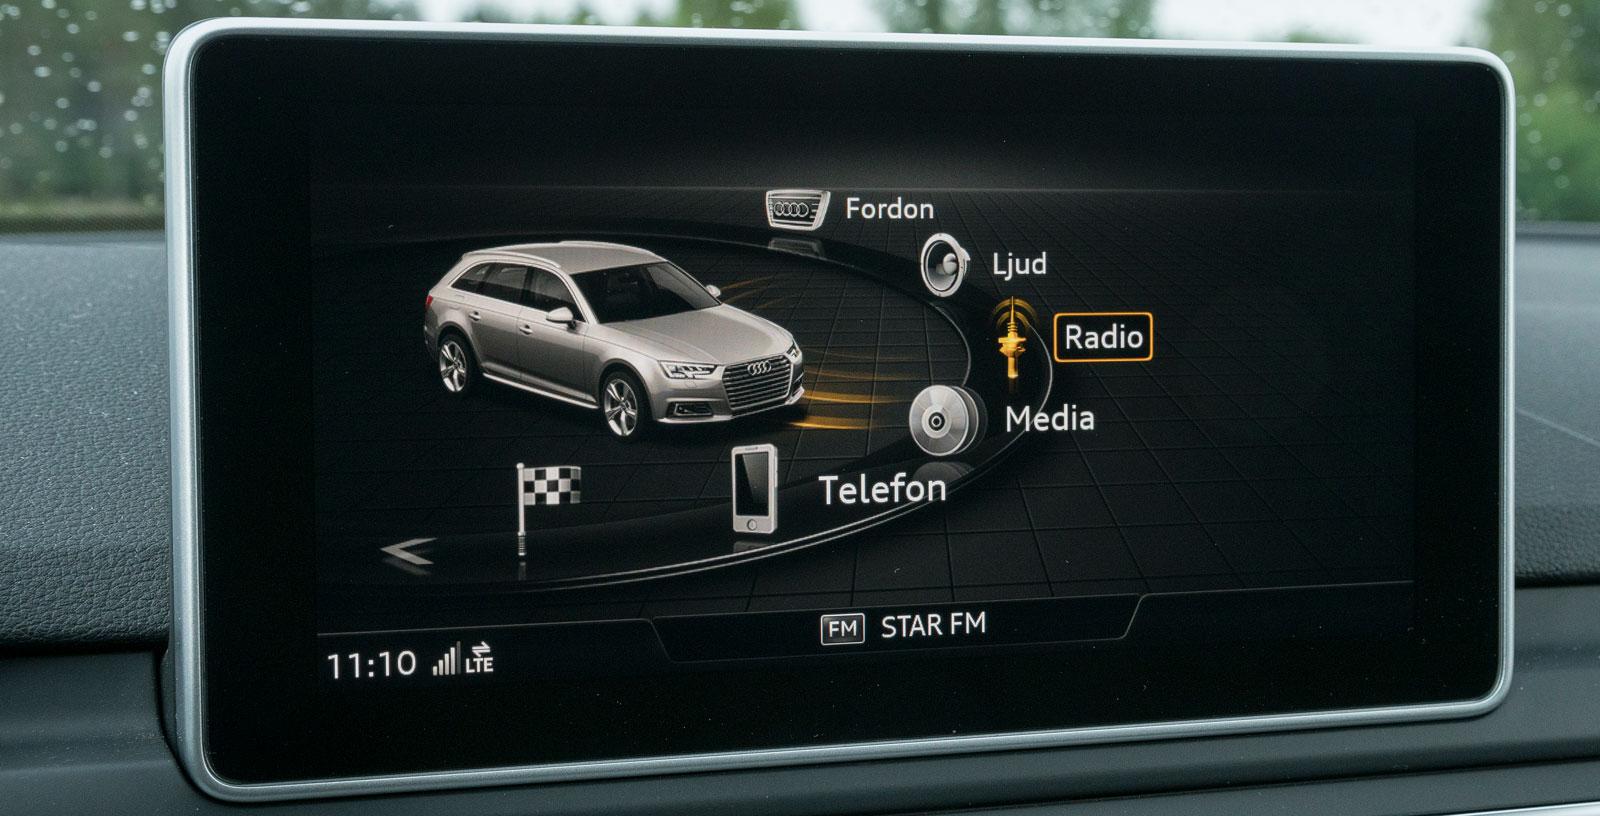 Audis mediesystem erbjuder många möjligheter och har en läcker, krispig grafik. Placeringen av reglagen framför växelväljaren är ovanlig men man vänjer sig snabbt.